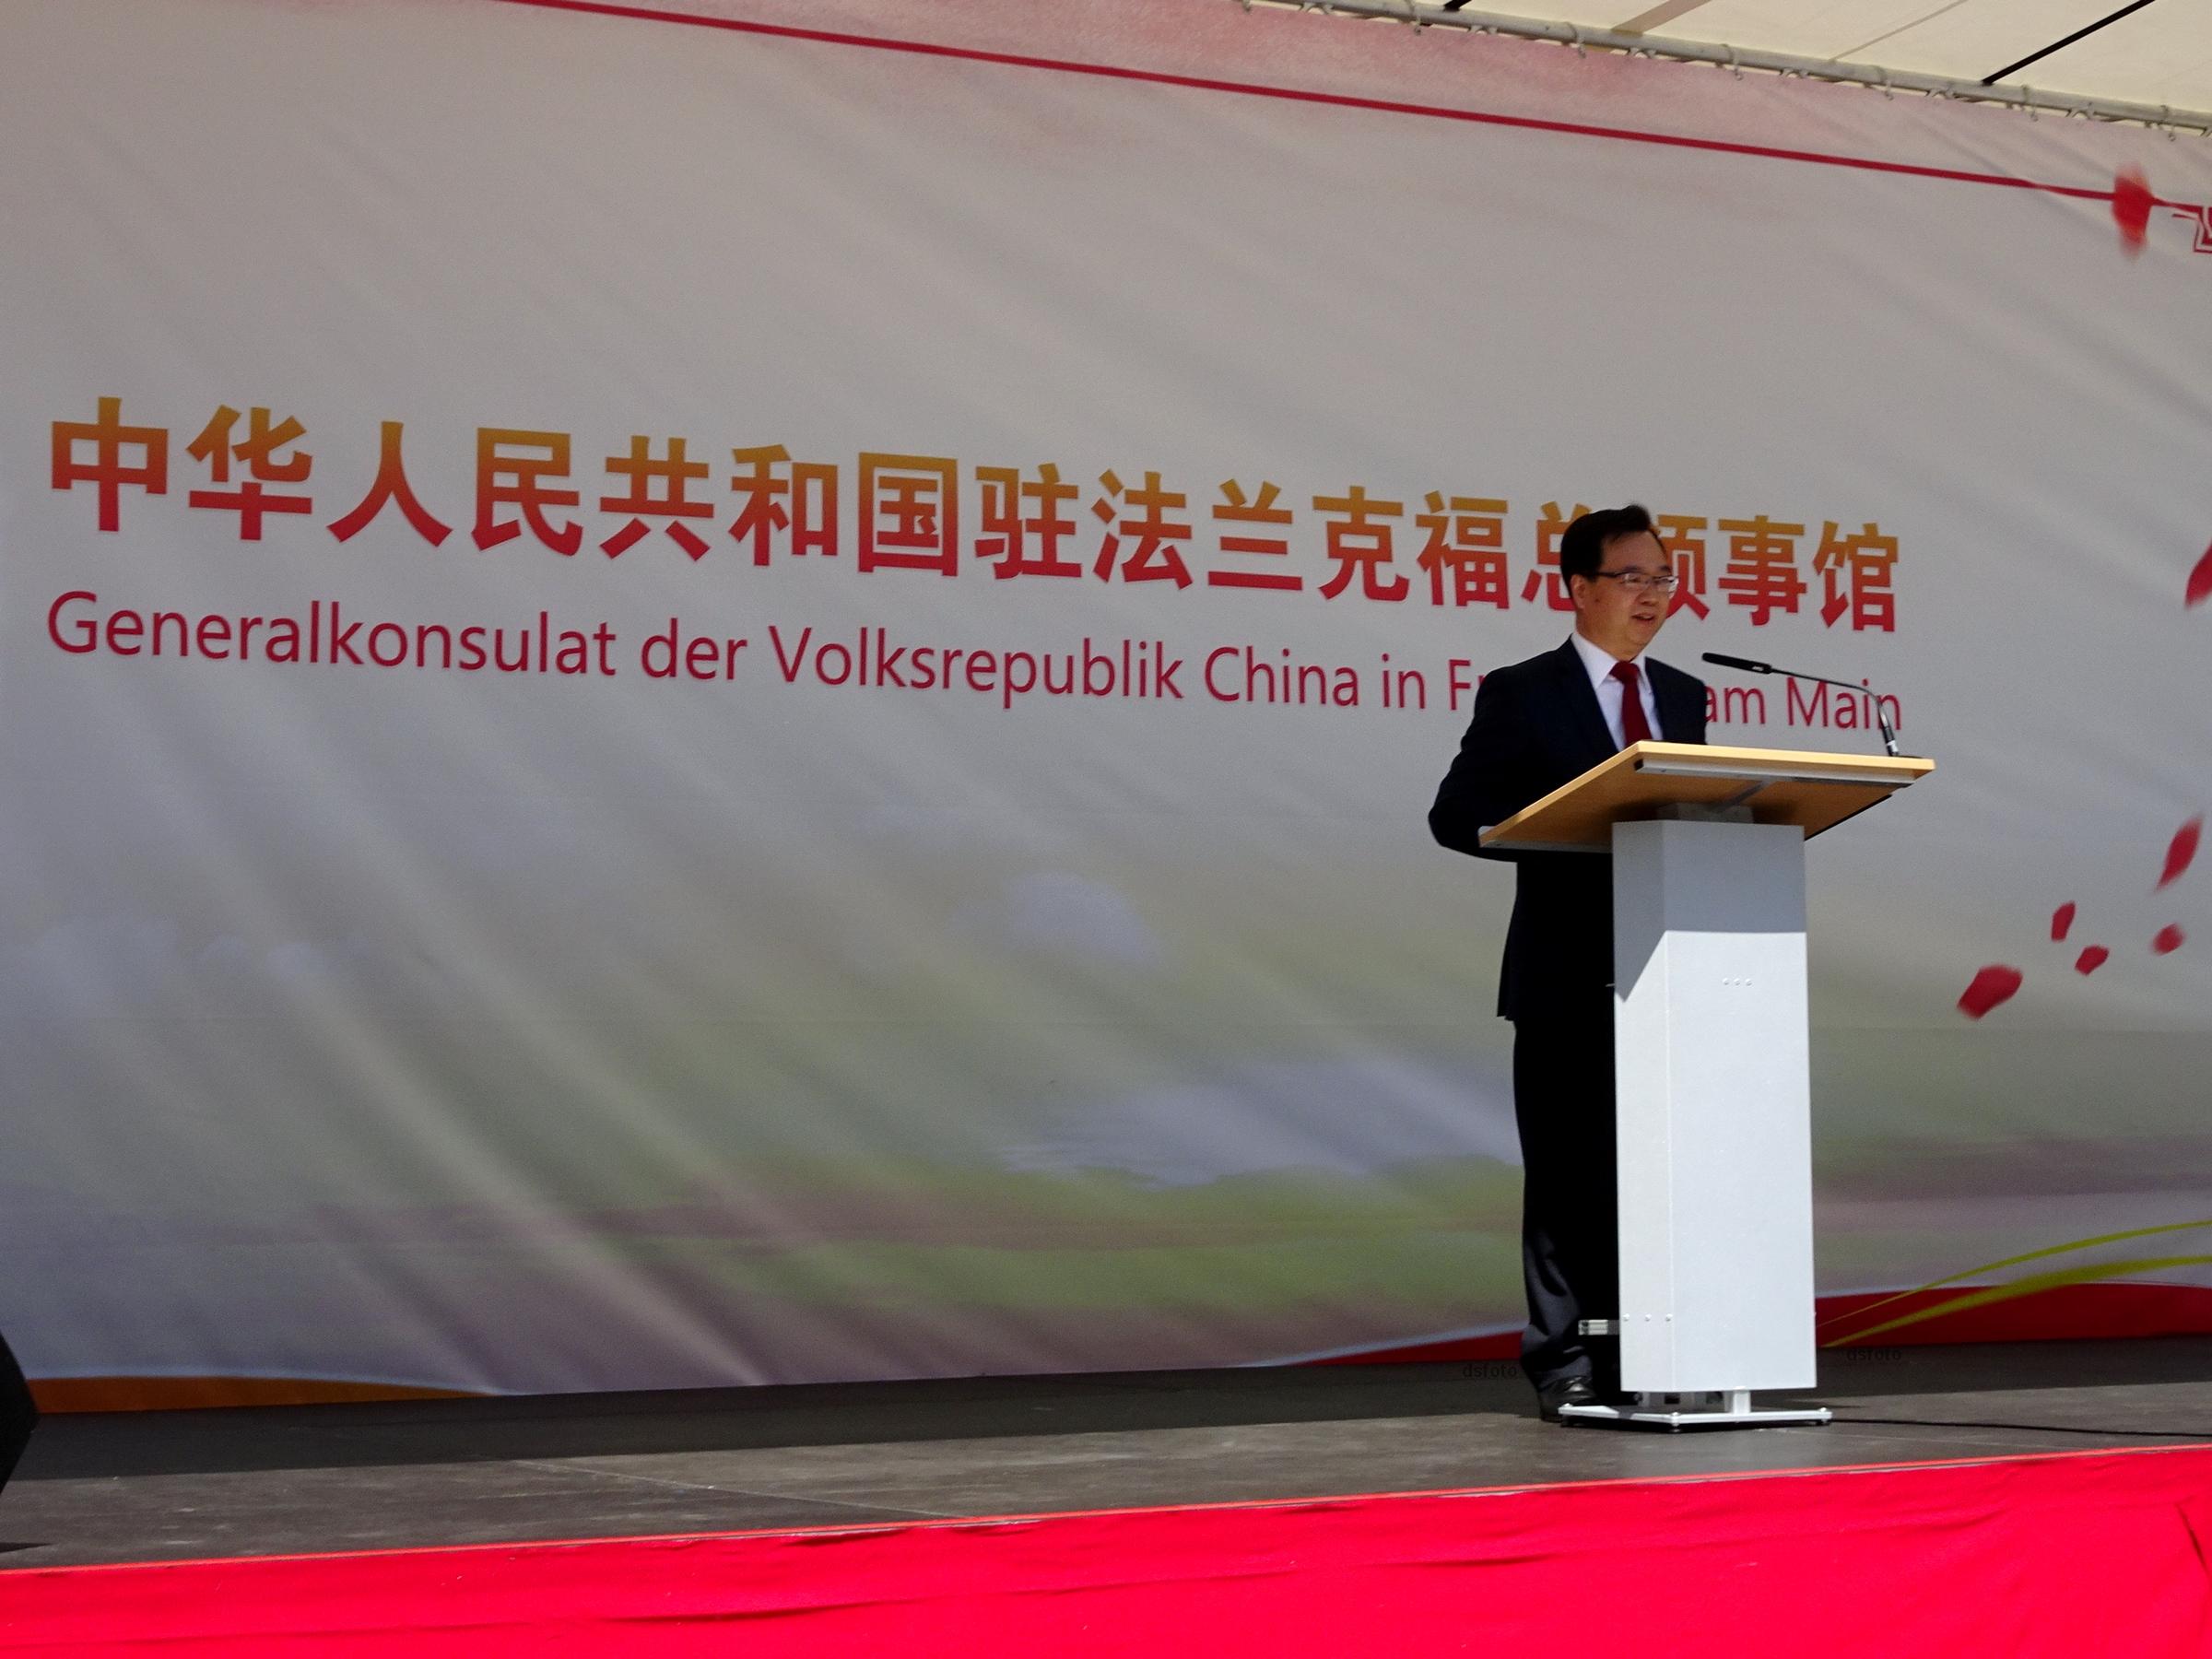 Generalkonsul SUN Congbin heißt die Besucher herzlich willkommen